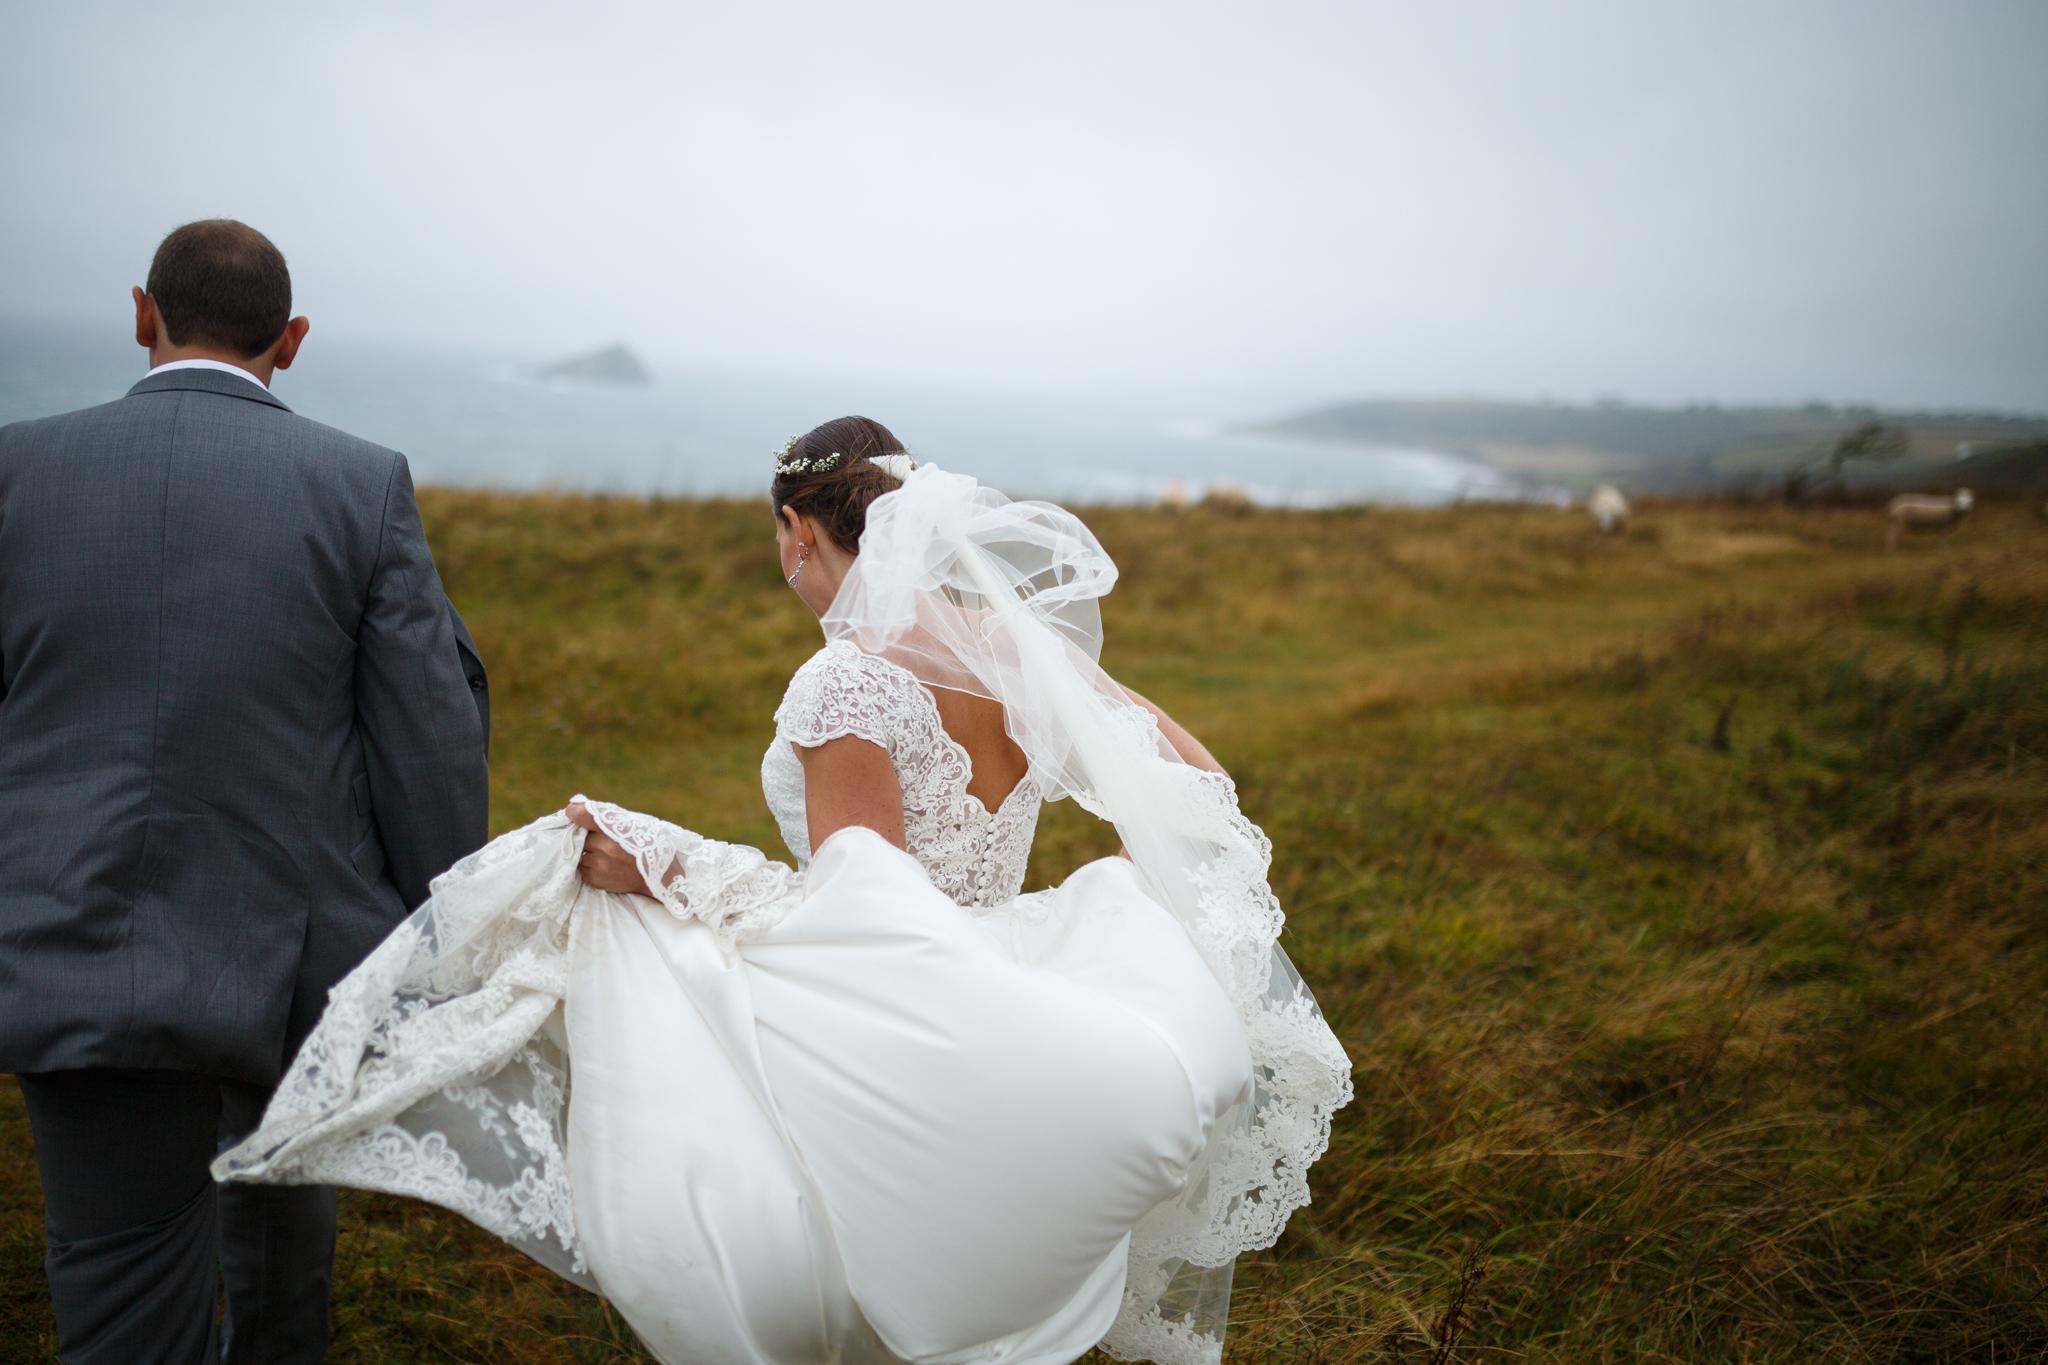 Simon_Rawling_Wedding_Photography-183.jpg